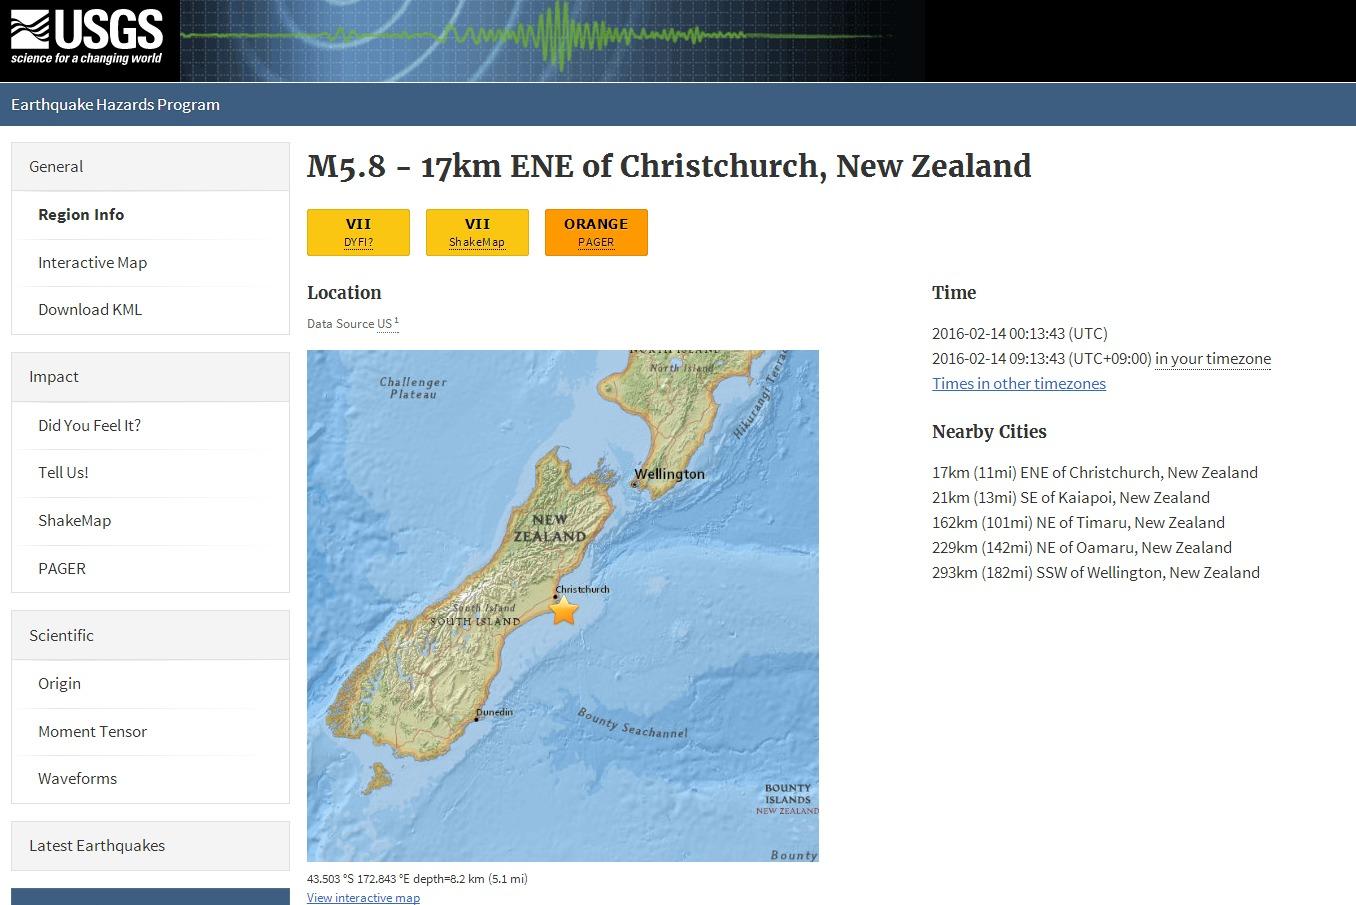 ニュージーランド・クライストチャーチでM5.8の地震発生…5年前「2011年2月22日 ニュージーランド → 2011年3月11日 東日本大震災」